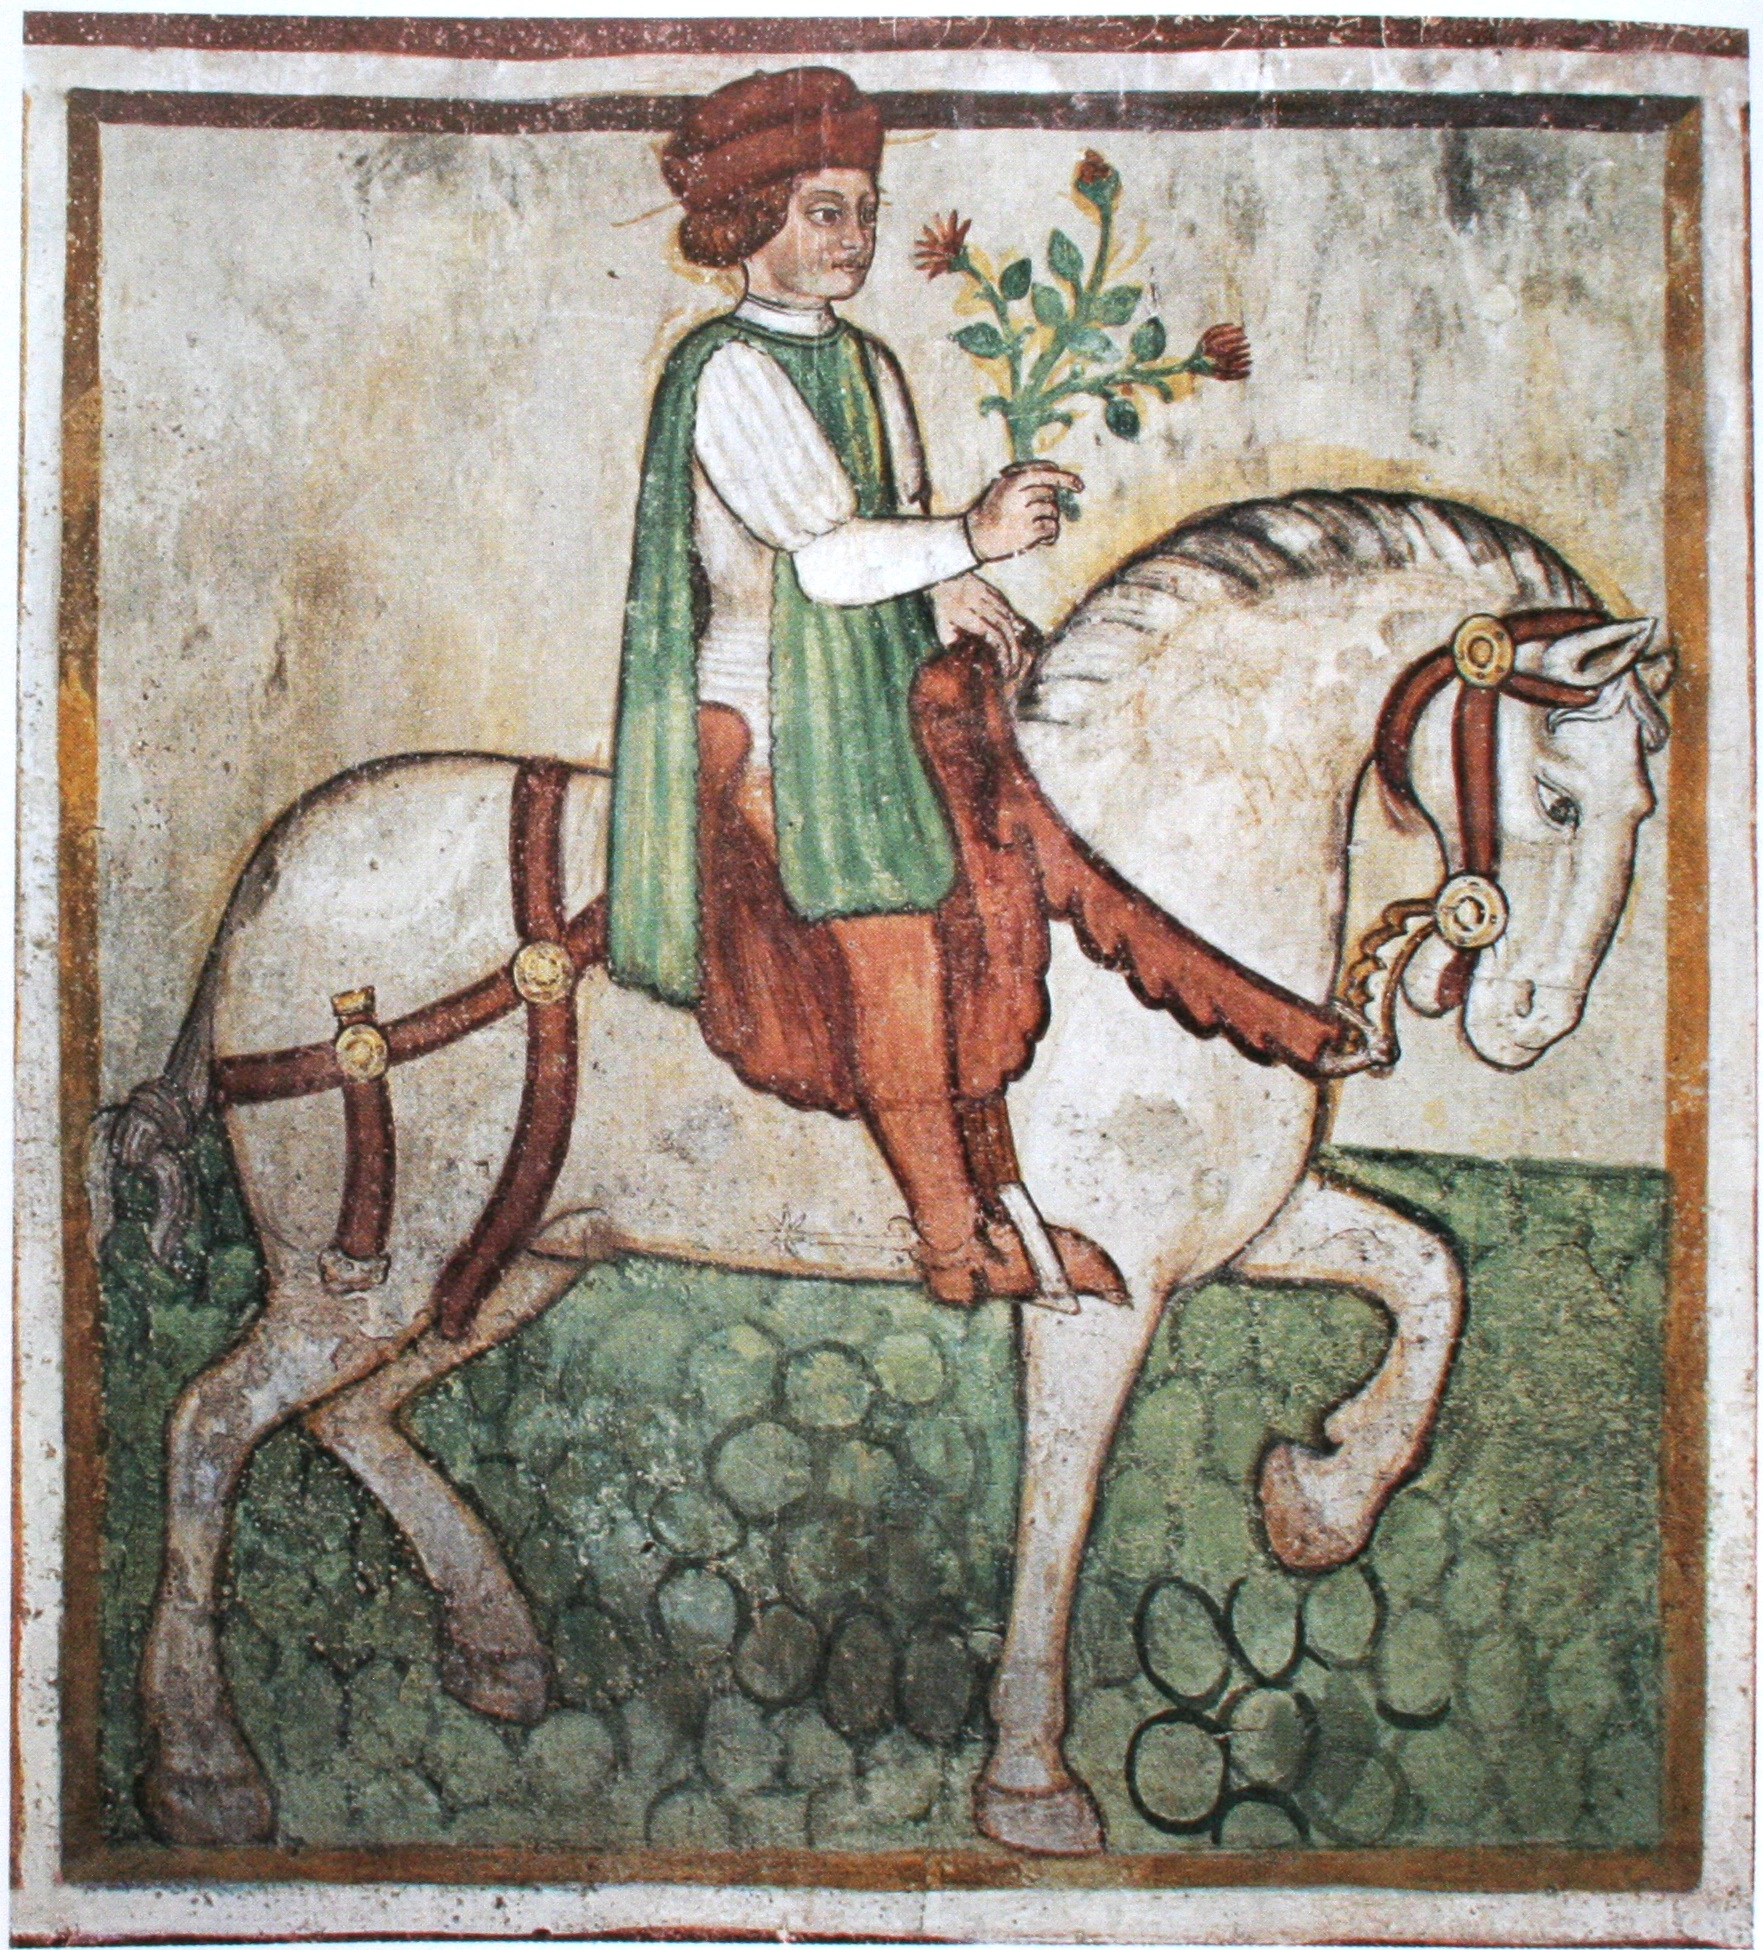 Personifikation des April, Wandmalerei in Sta. Maria del Castello (Mesocco, Kanton Graubünden, Schweiz), um 1560.